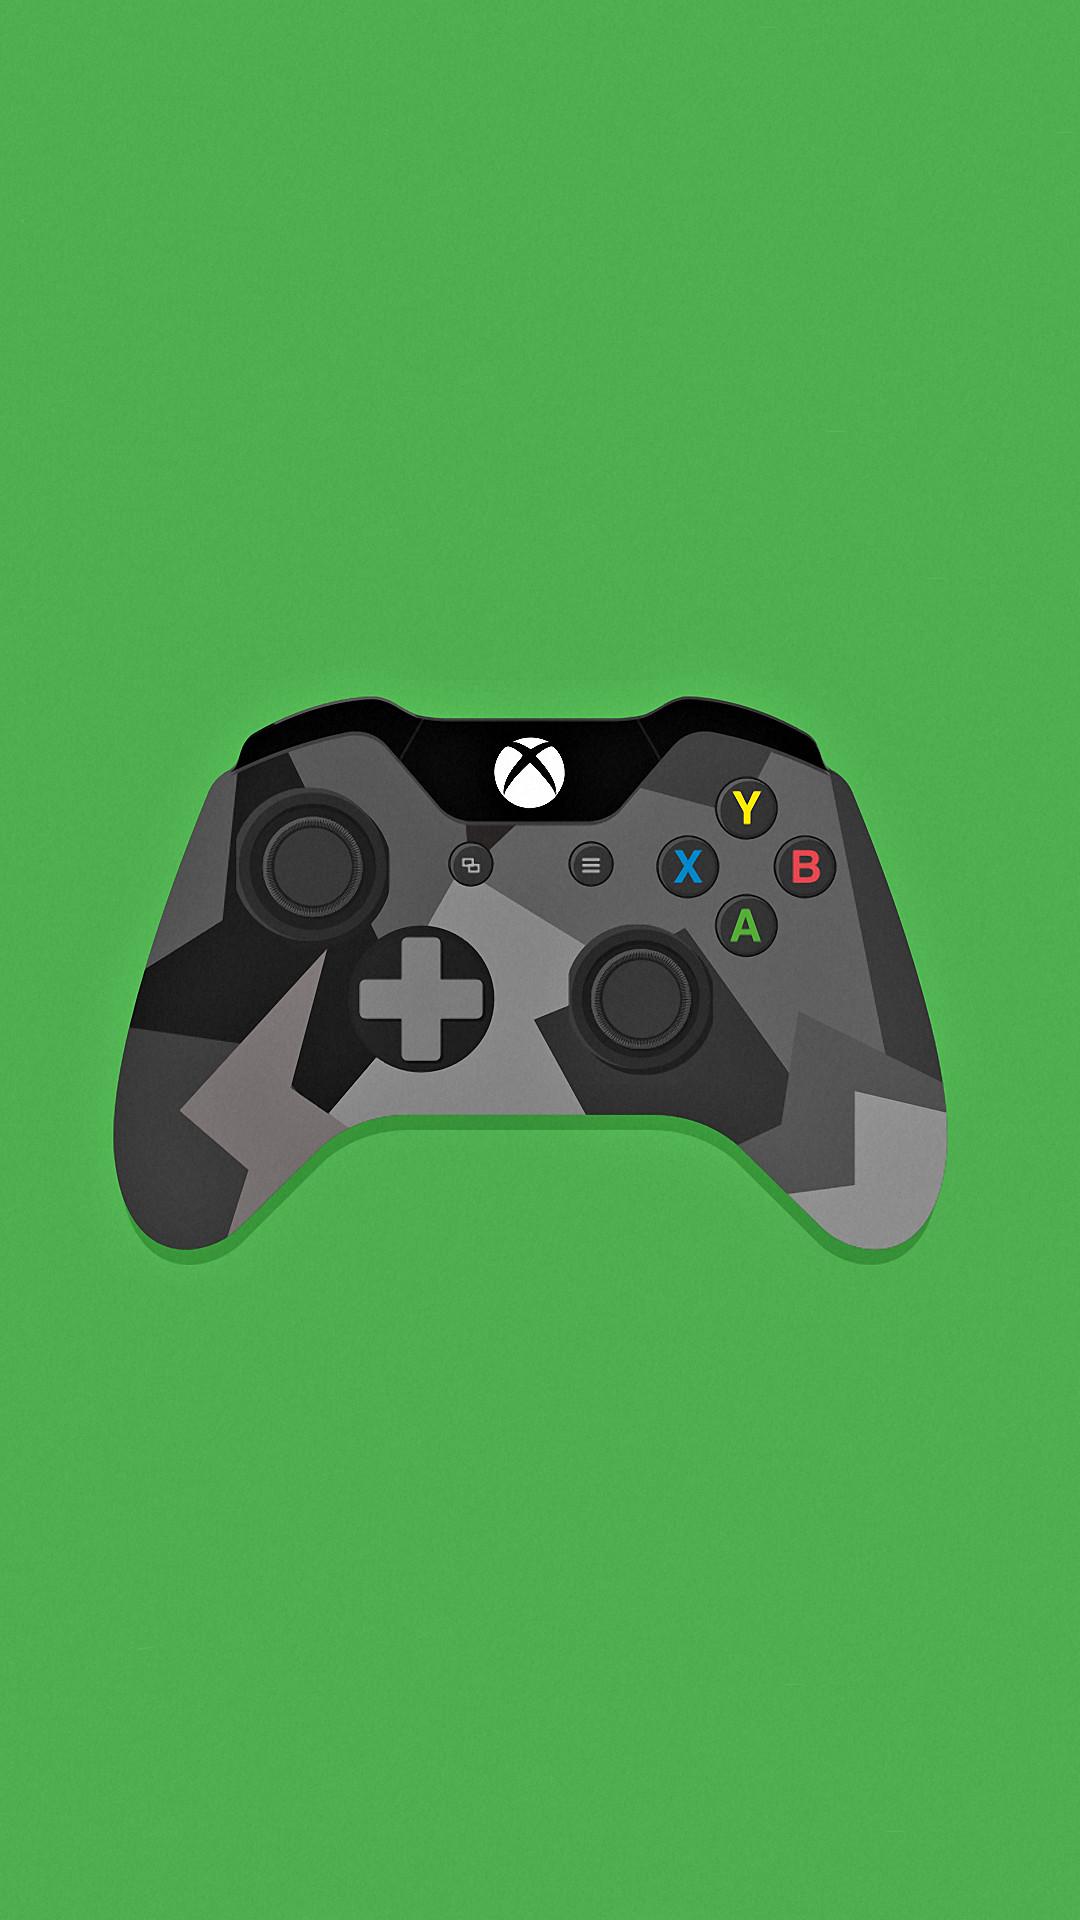 Res: 1080x1920, Xbox Controller Wallpaper